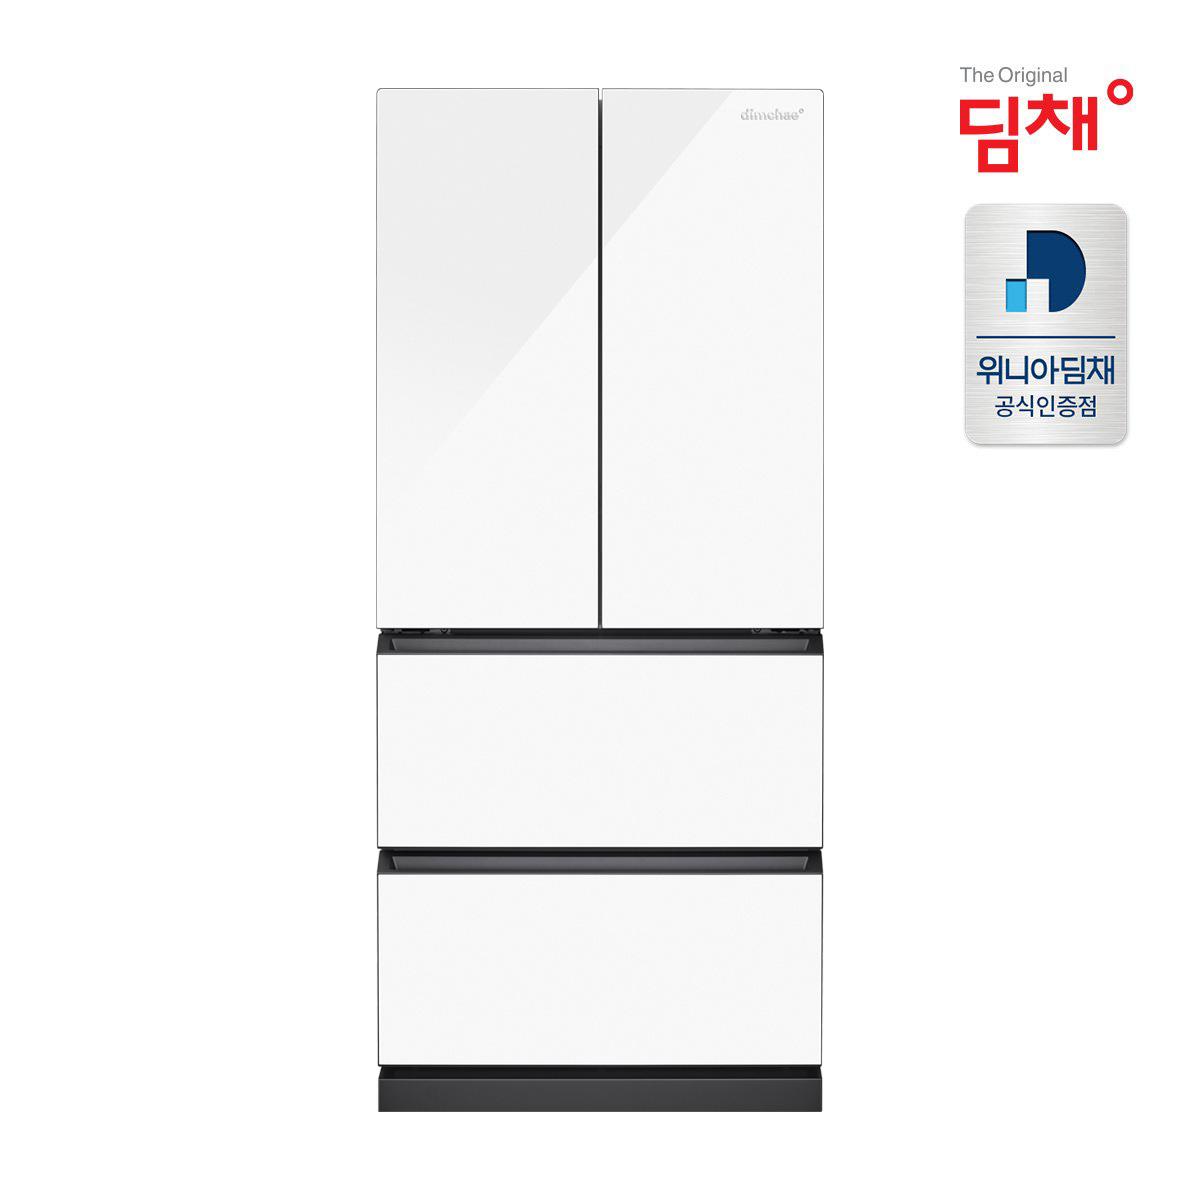 21년형 딤채 스탠드형 화이트 김치냉장고 EDQ47EFPYWT 457L 강화유리